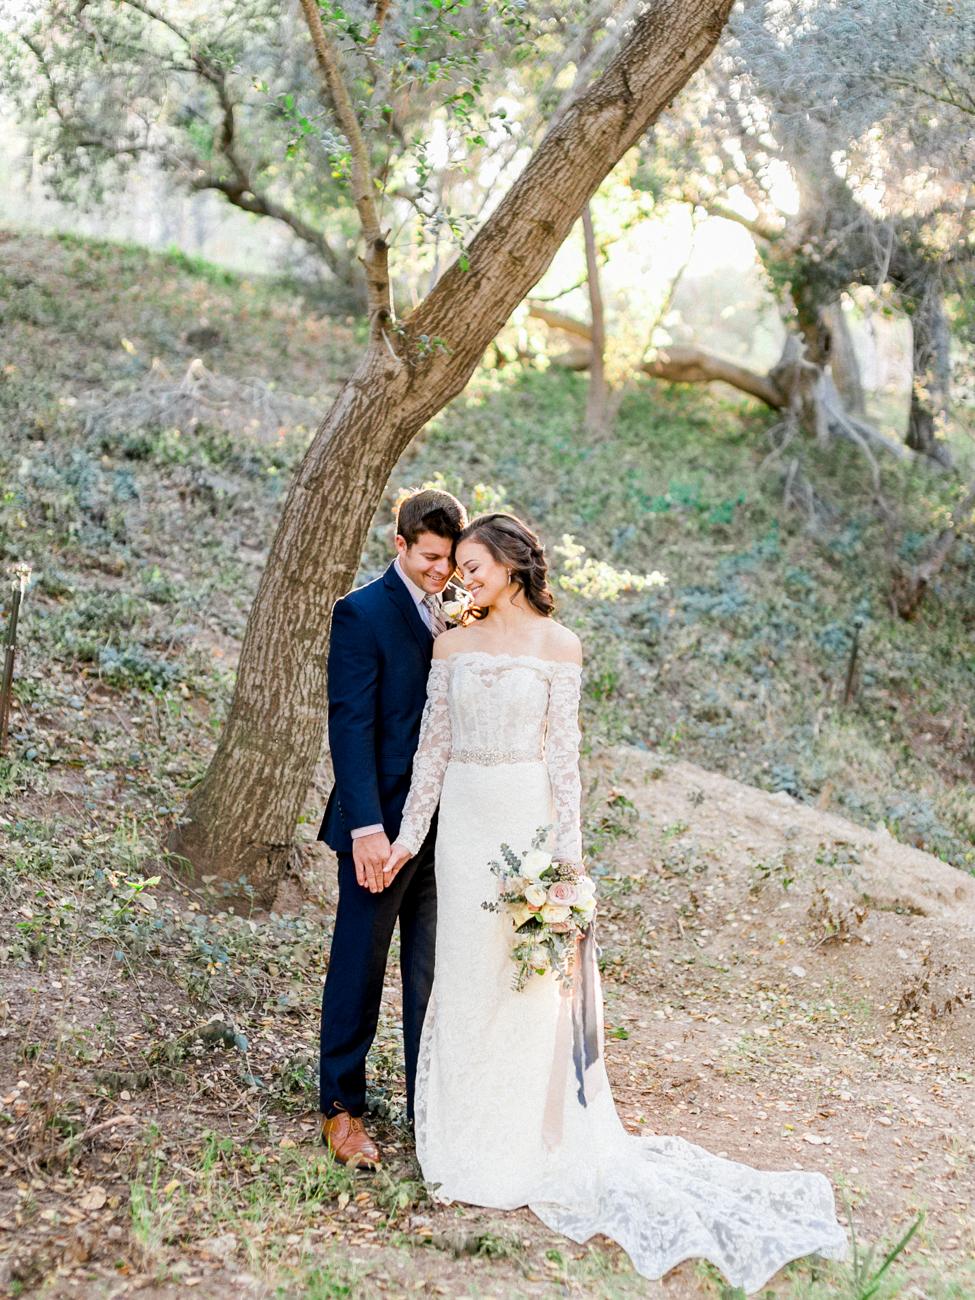 DennisRoyCoronel__RanchoLasLomas_Wedding-64.jpg